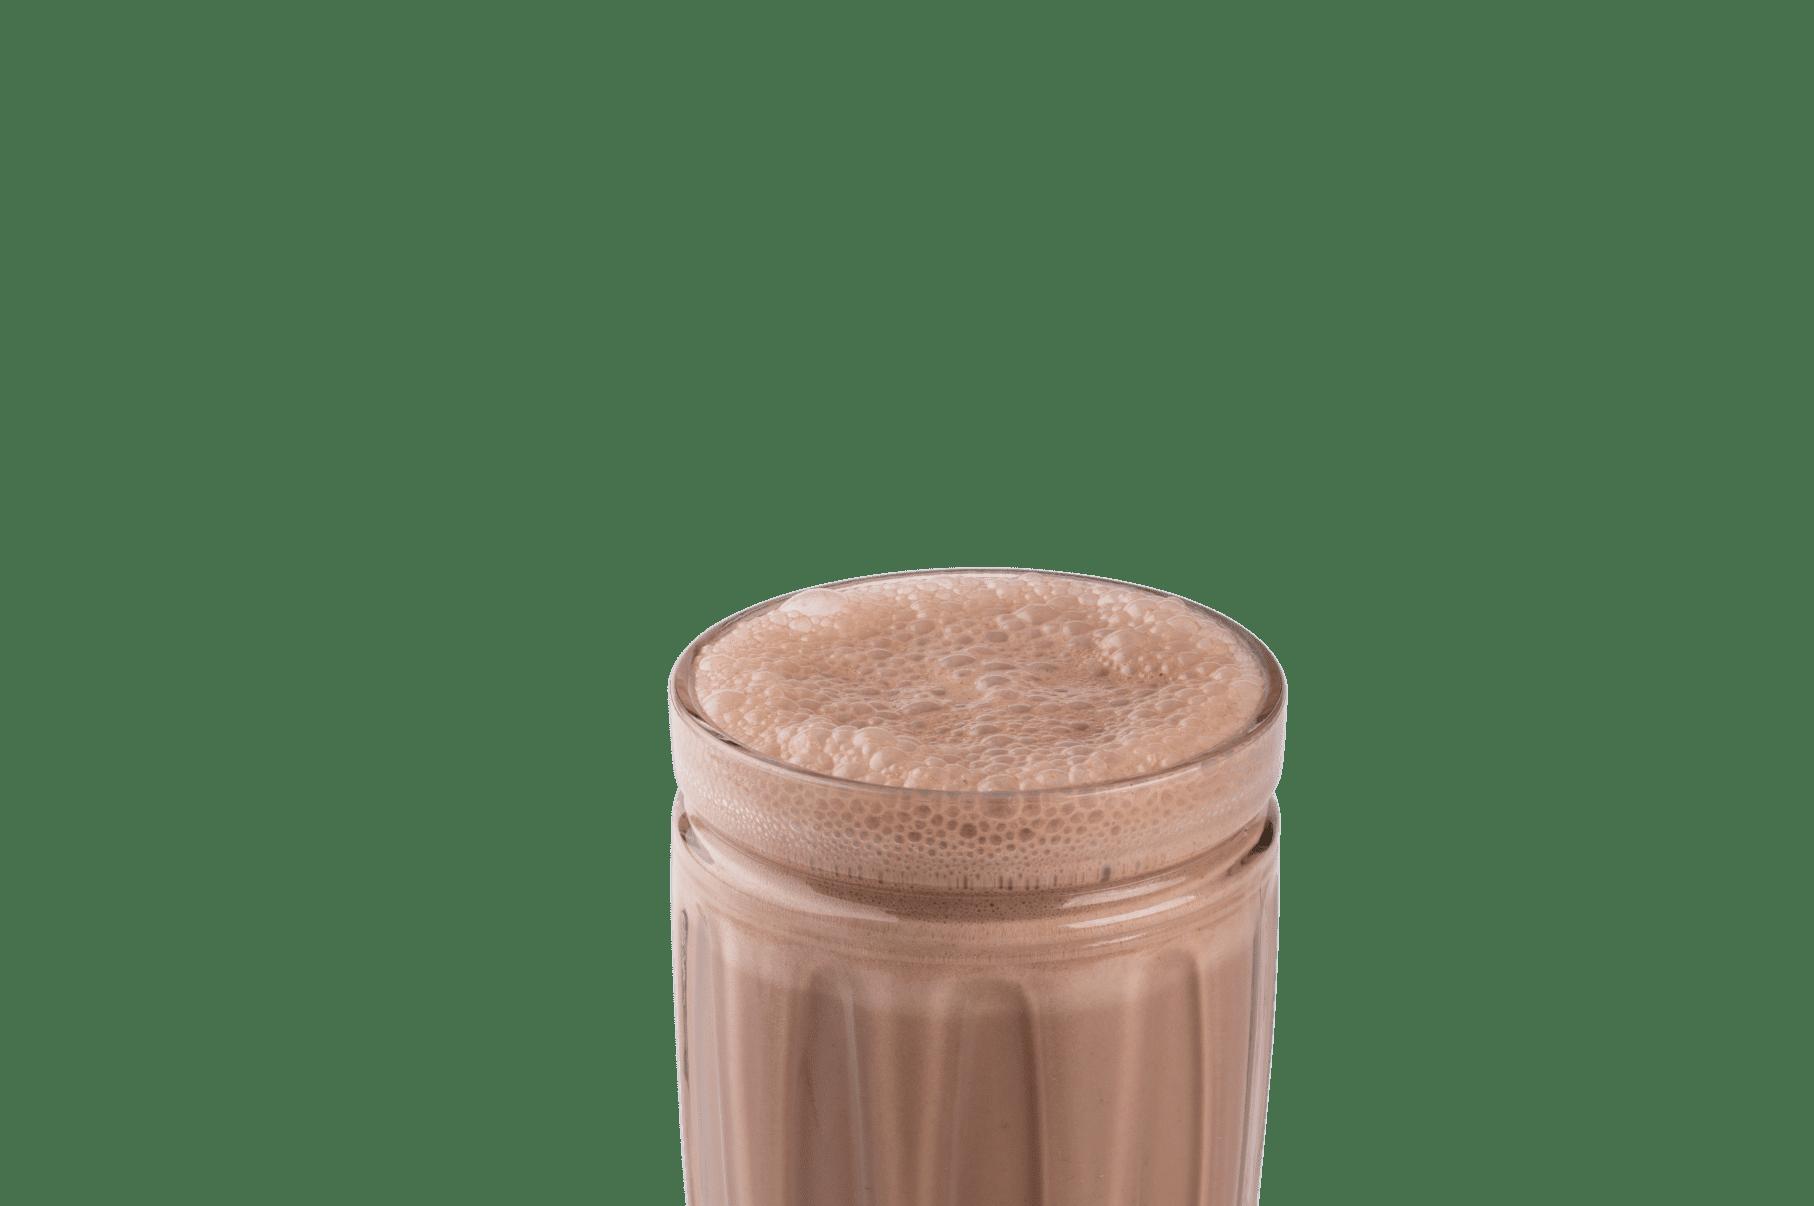 Ecocesta - Productos